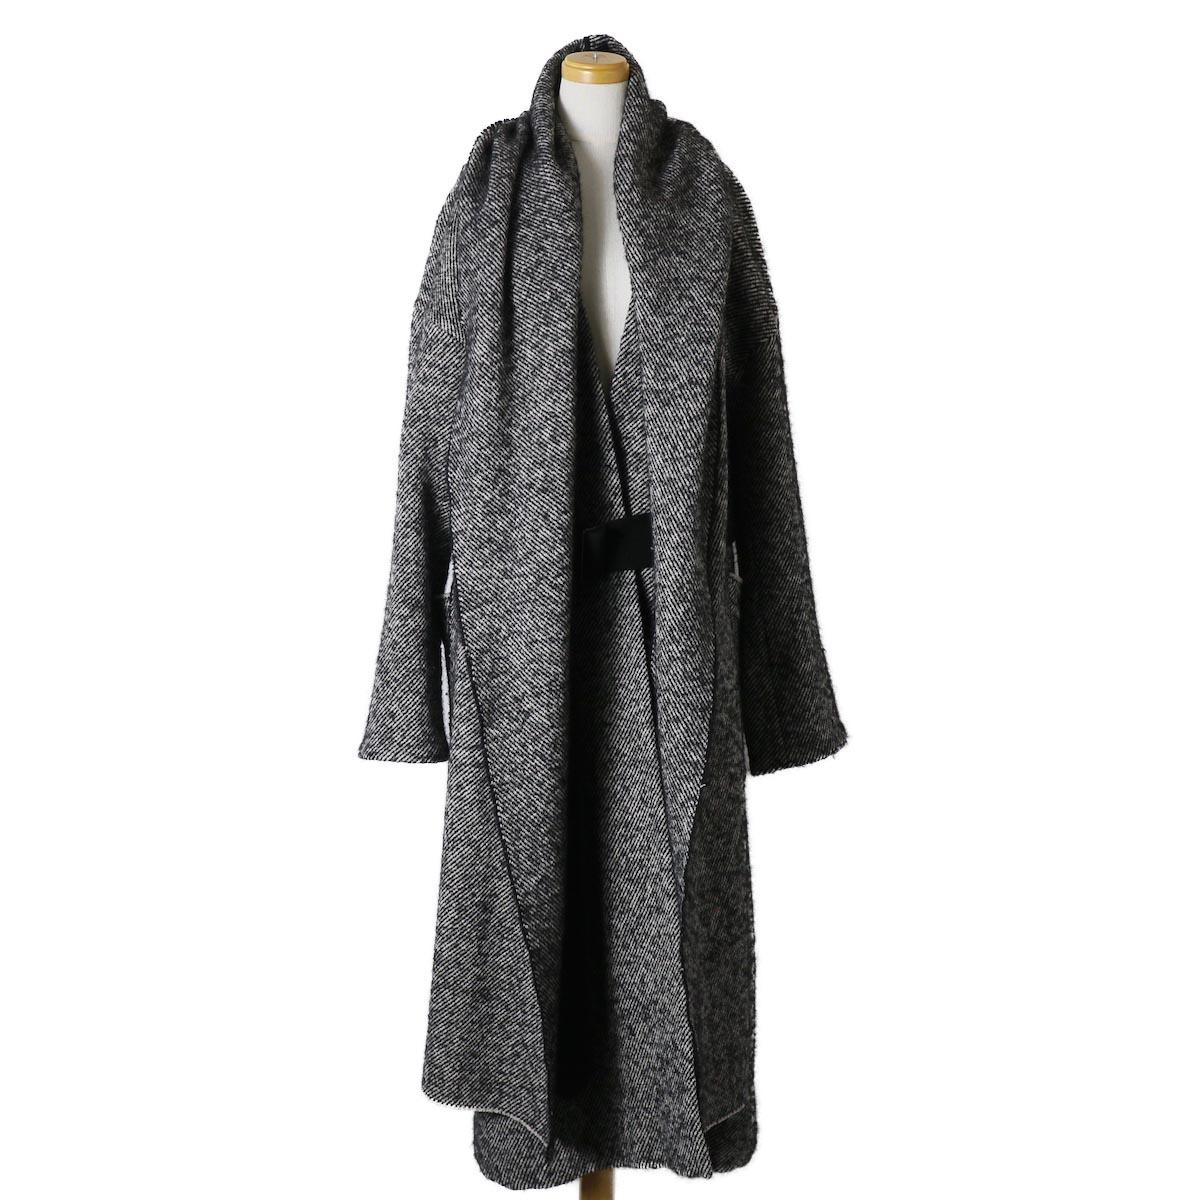 YLEVE / Monotone Tweed Coat 正面